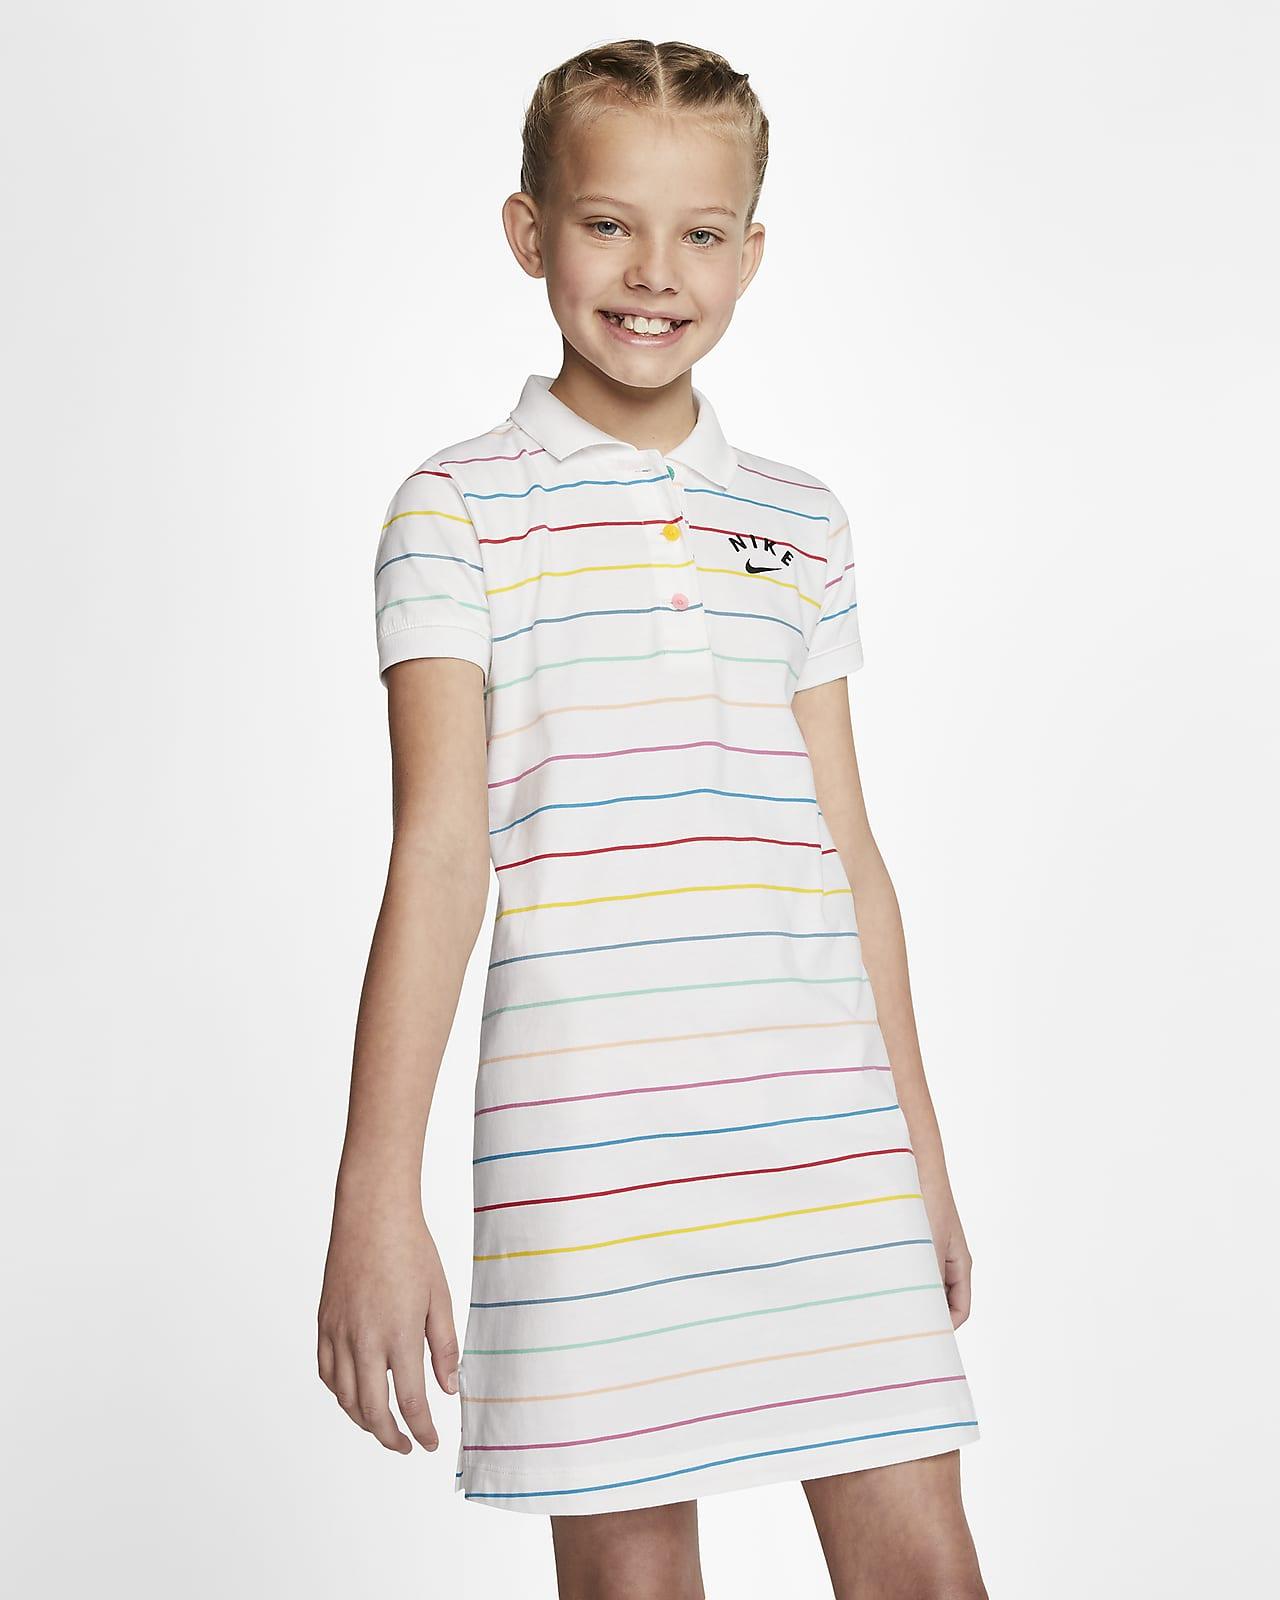 เดรสเด็กโต Nike Sportswear (หญิง)